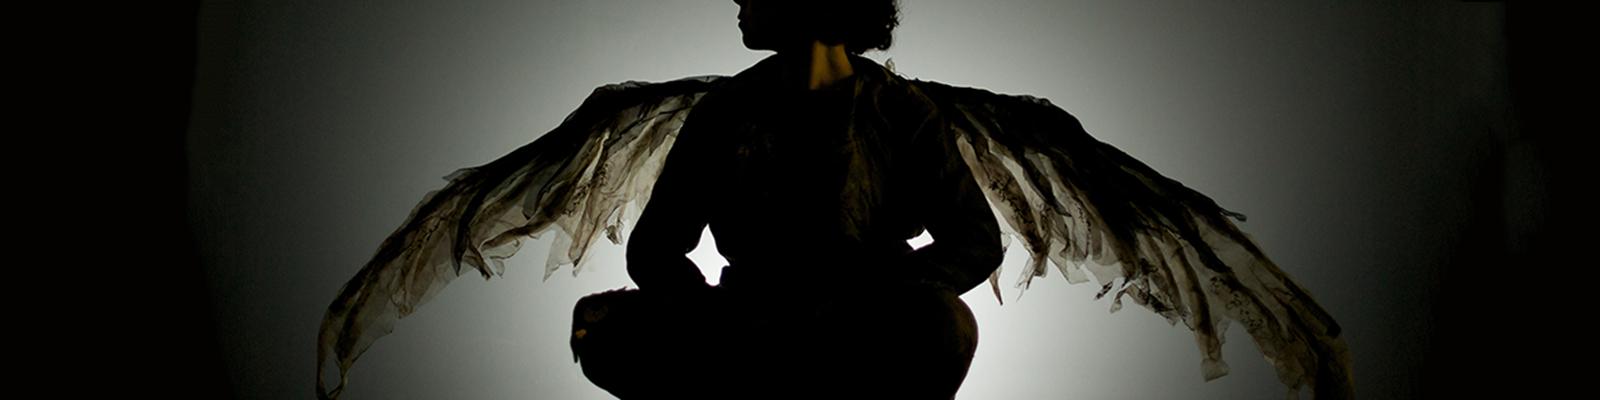 header-bev_wings